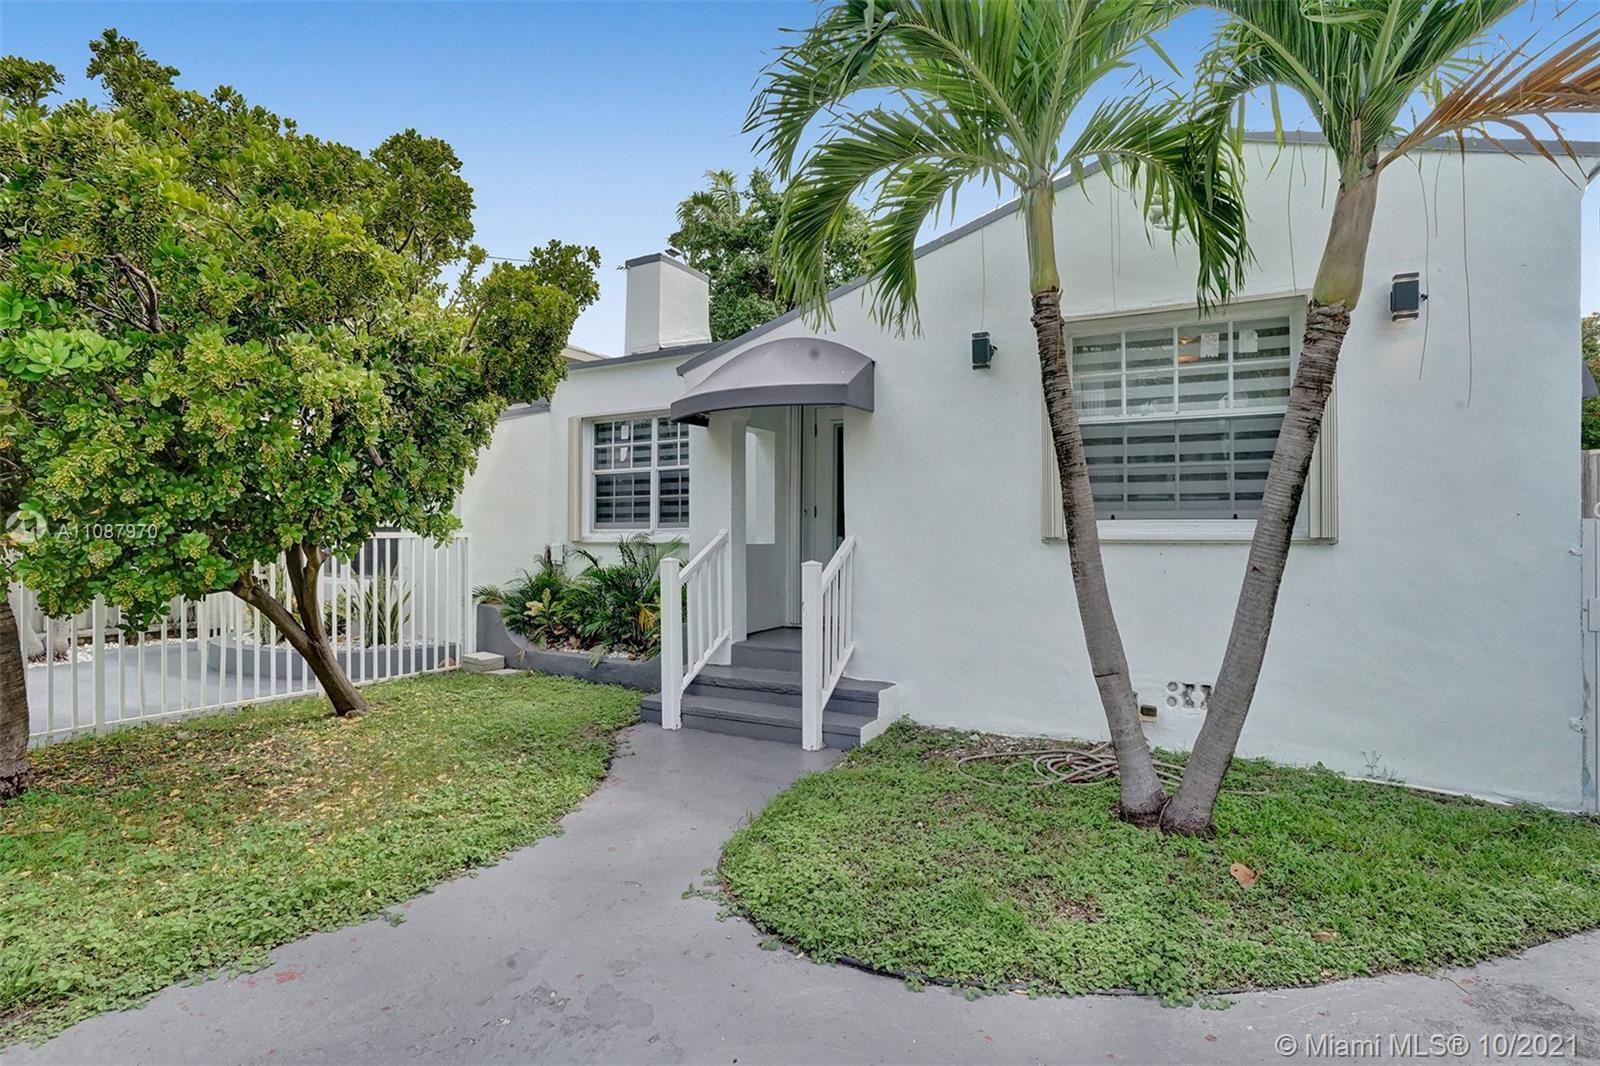 7625 Byron Ave, Miami Beach, FL 33141 - #: A11087970